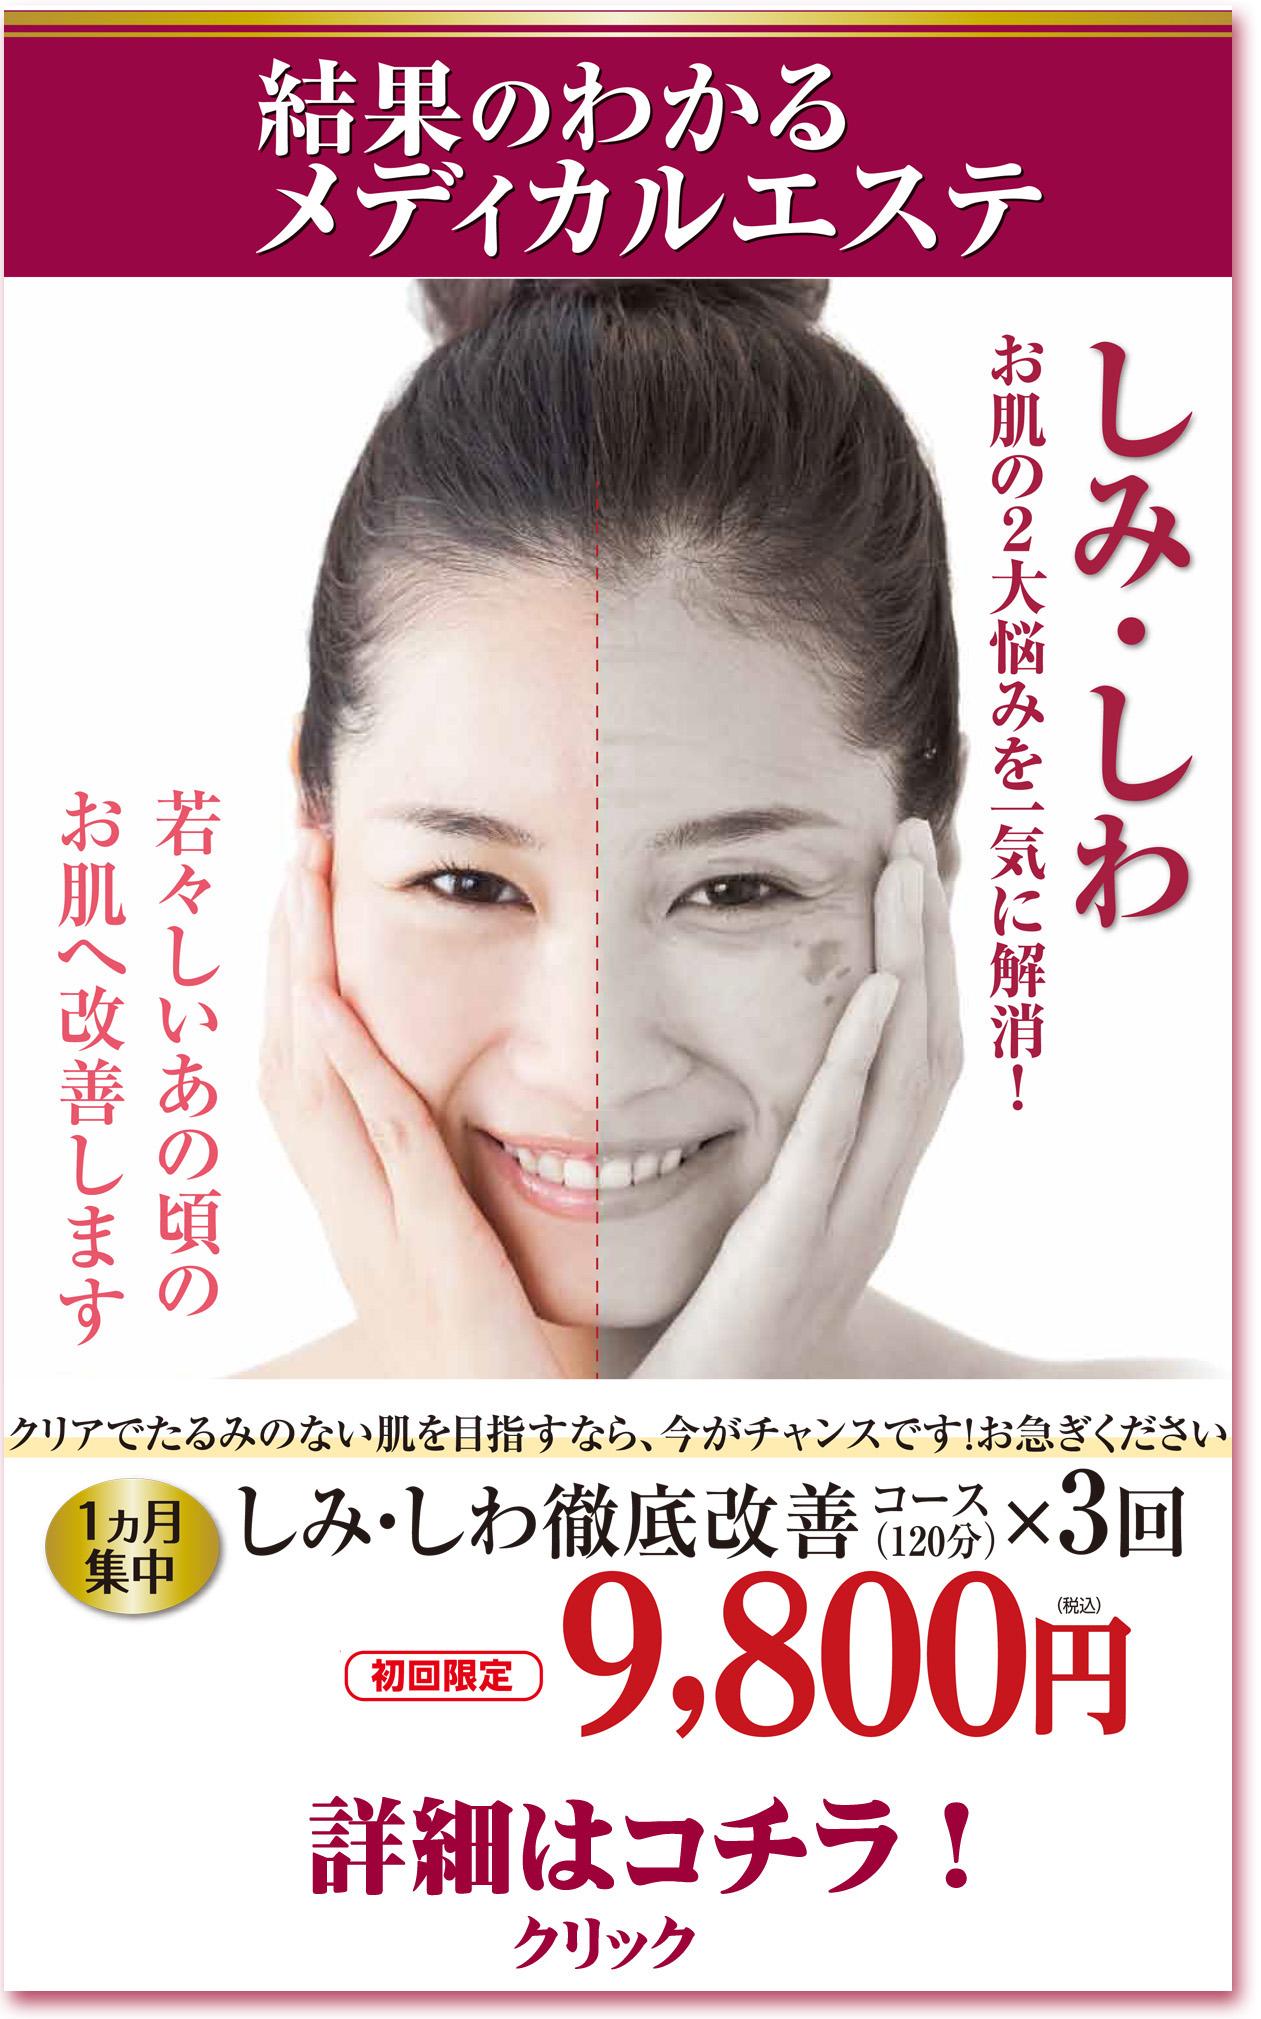 「1ヶ月集中 しみしわ徹底改善コース9,800円」はコチラ!/ピュア